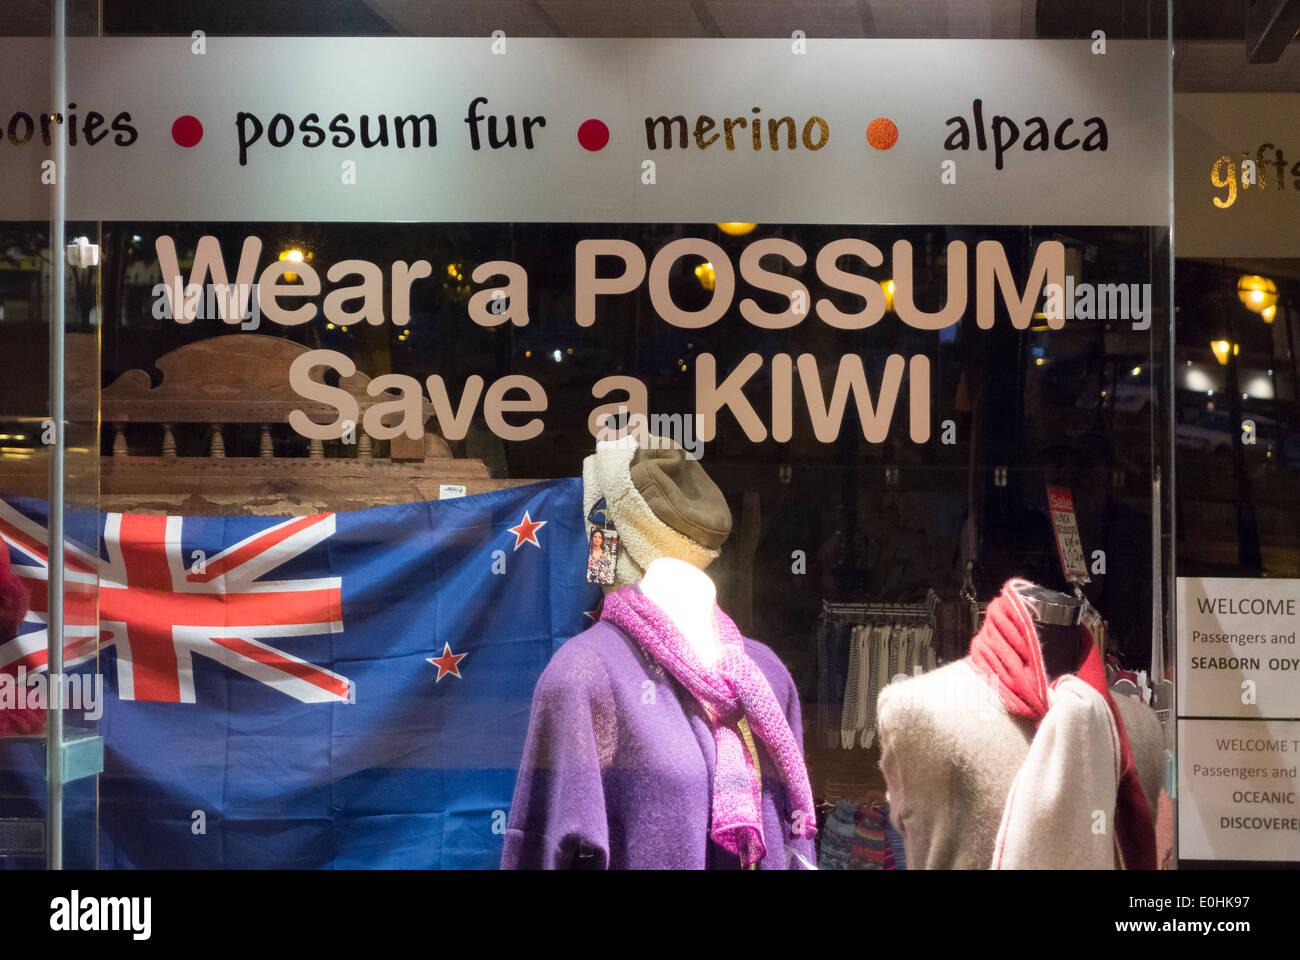 wear-a-possum-save-a-kiwi-shop-window-in-dunedin-new-zealand-promoting-E0HK97.jpg